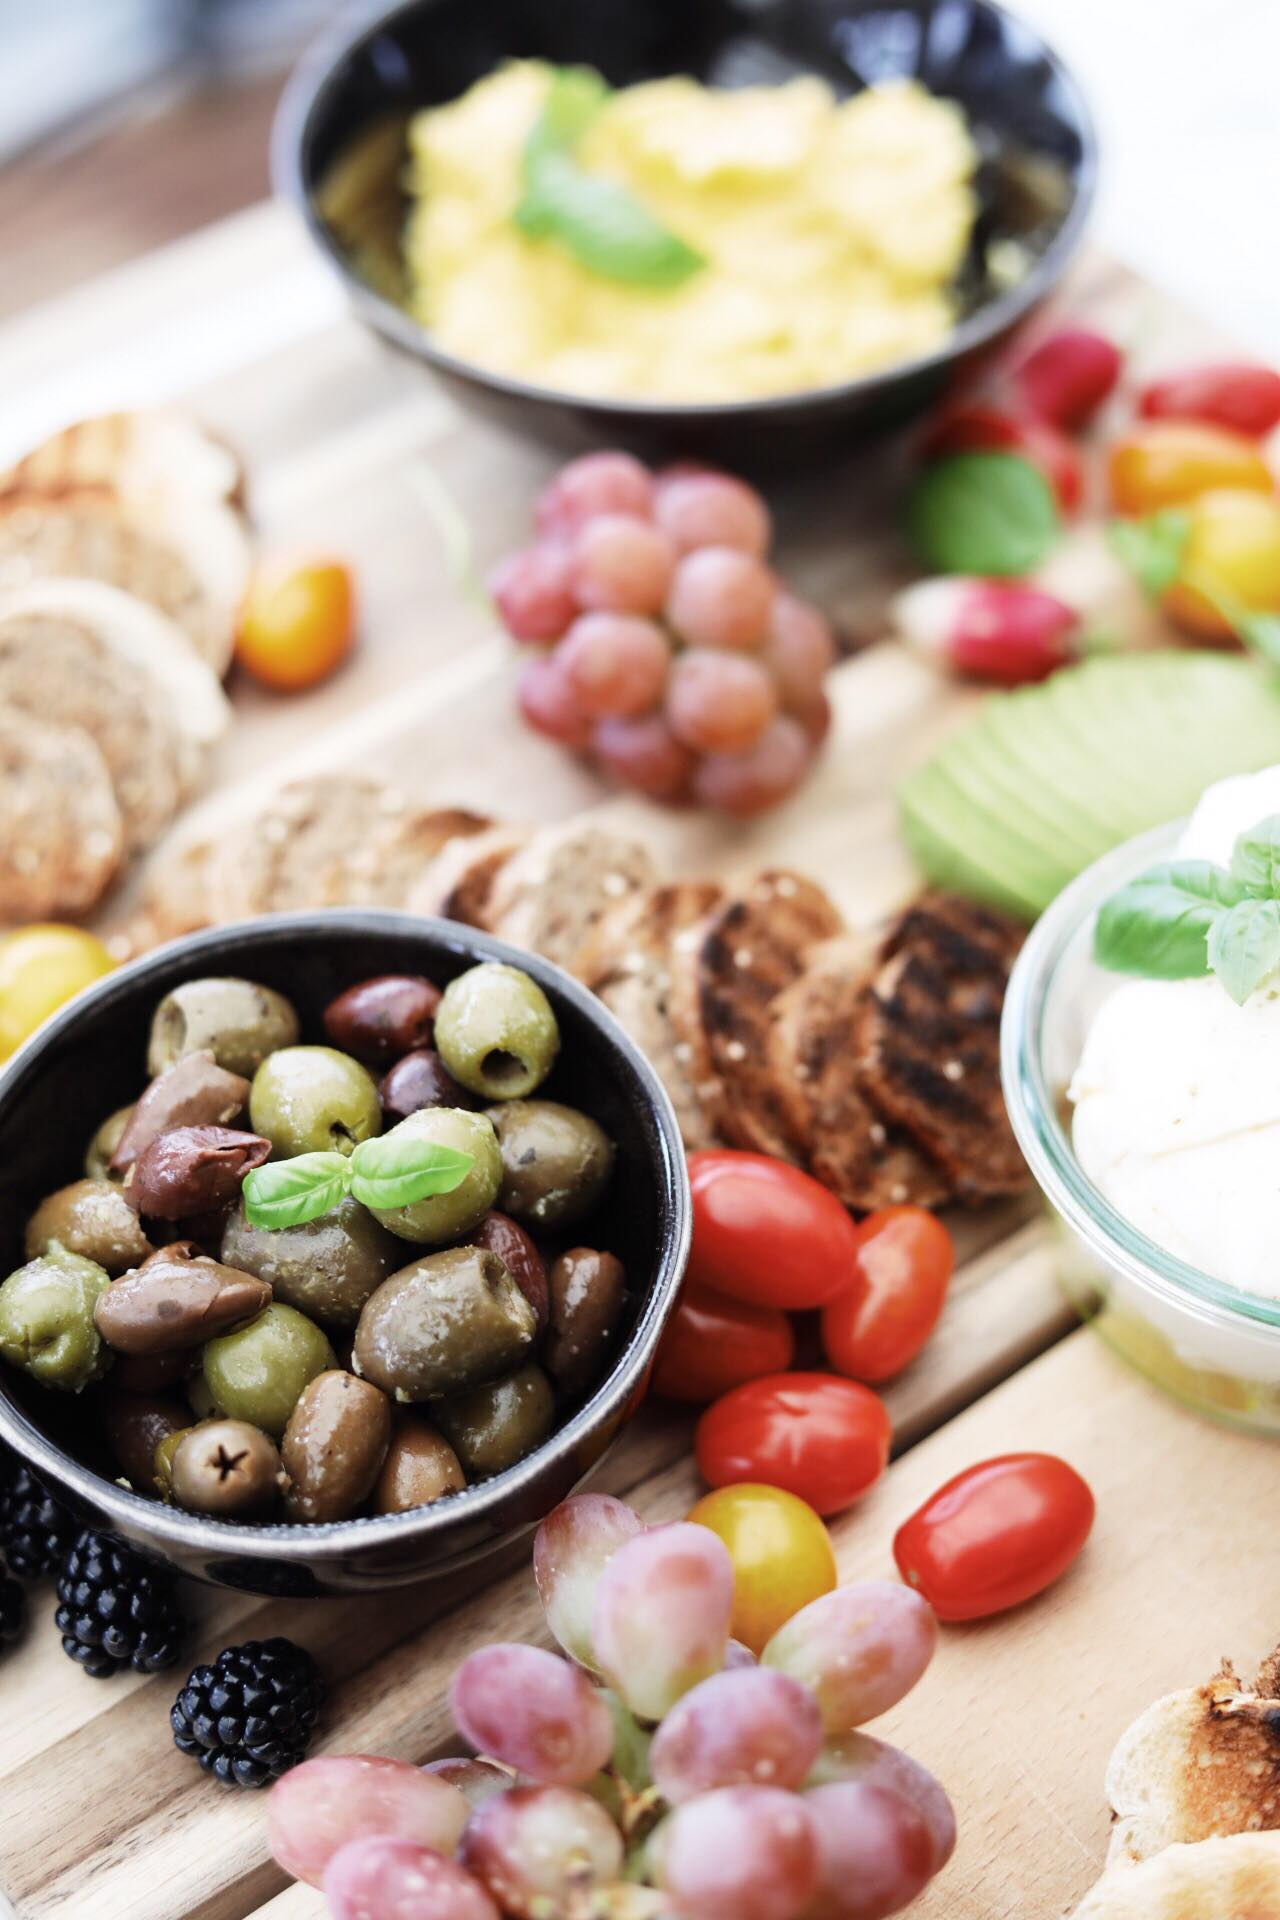 Tapas inspiration- opskrift på cremede røræg og humus med peberfrugt